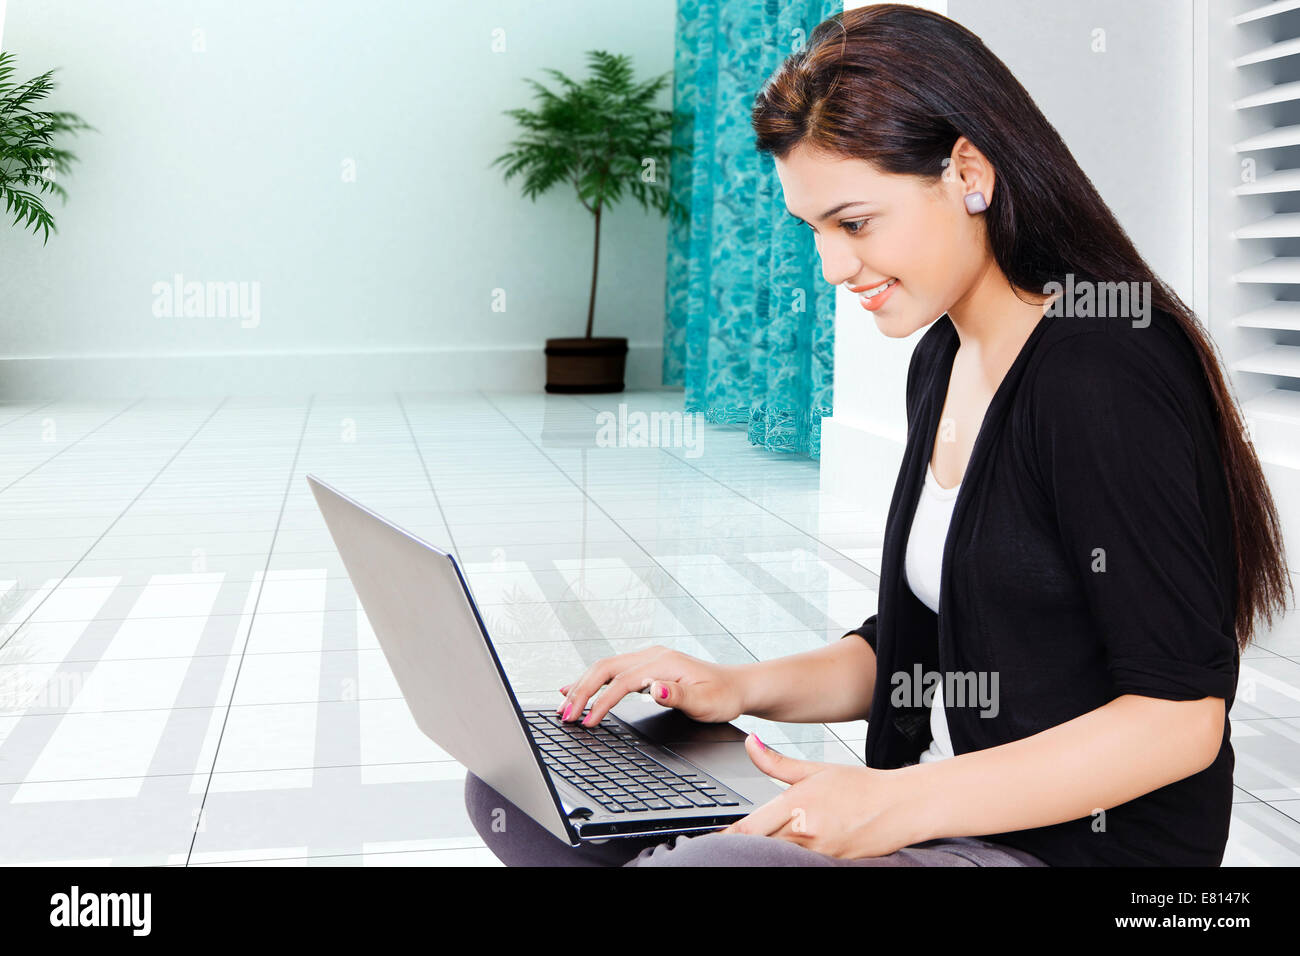 f2b251e967cd00 indische schöne Damen mit laptop Stockfoto